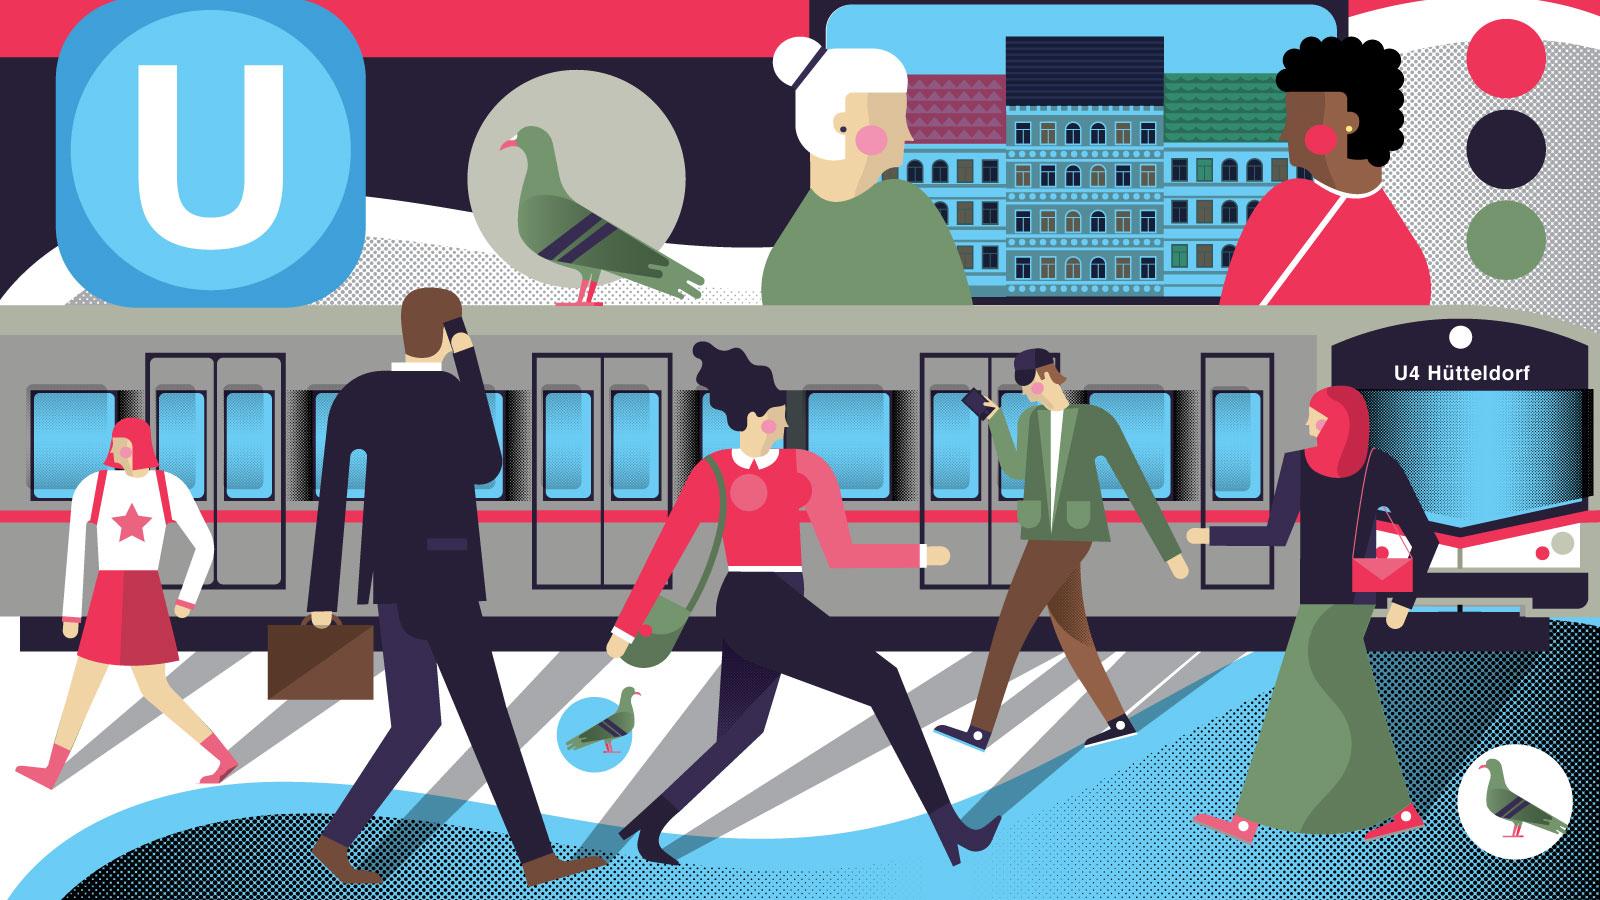 Vienna U-Bahn